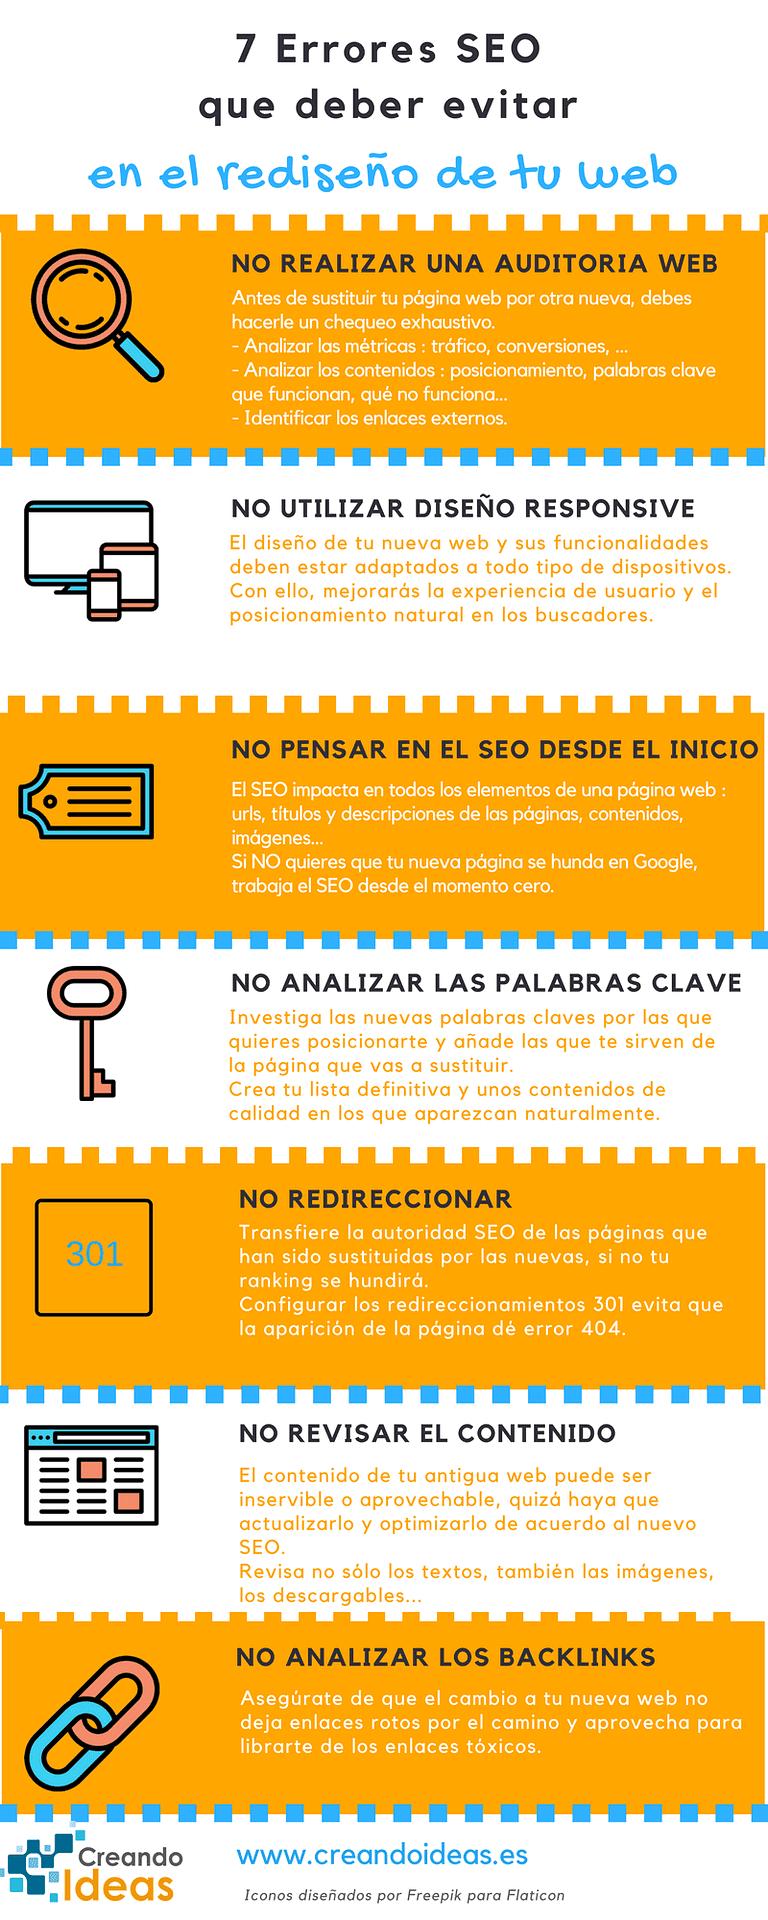 Infografía 7 errores SEO que debes evitar en el rediseño web